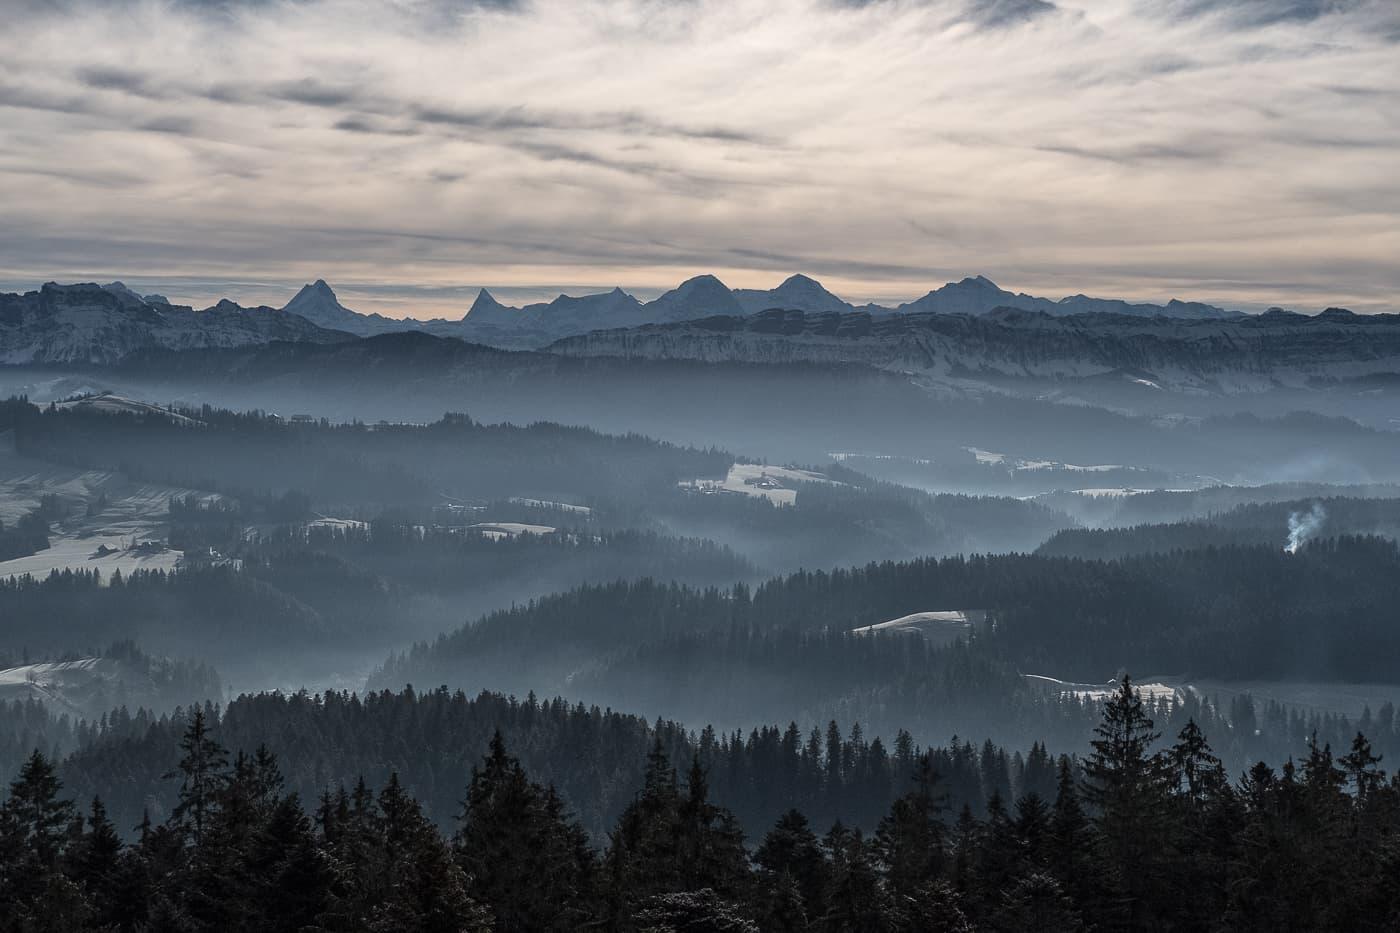 Aussicht auf die Alpen vom Emmental